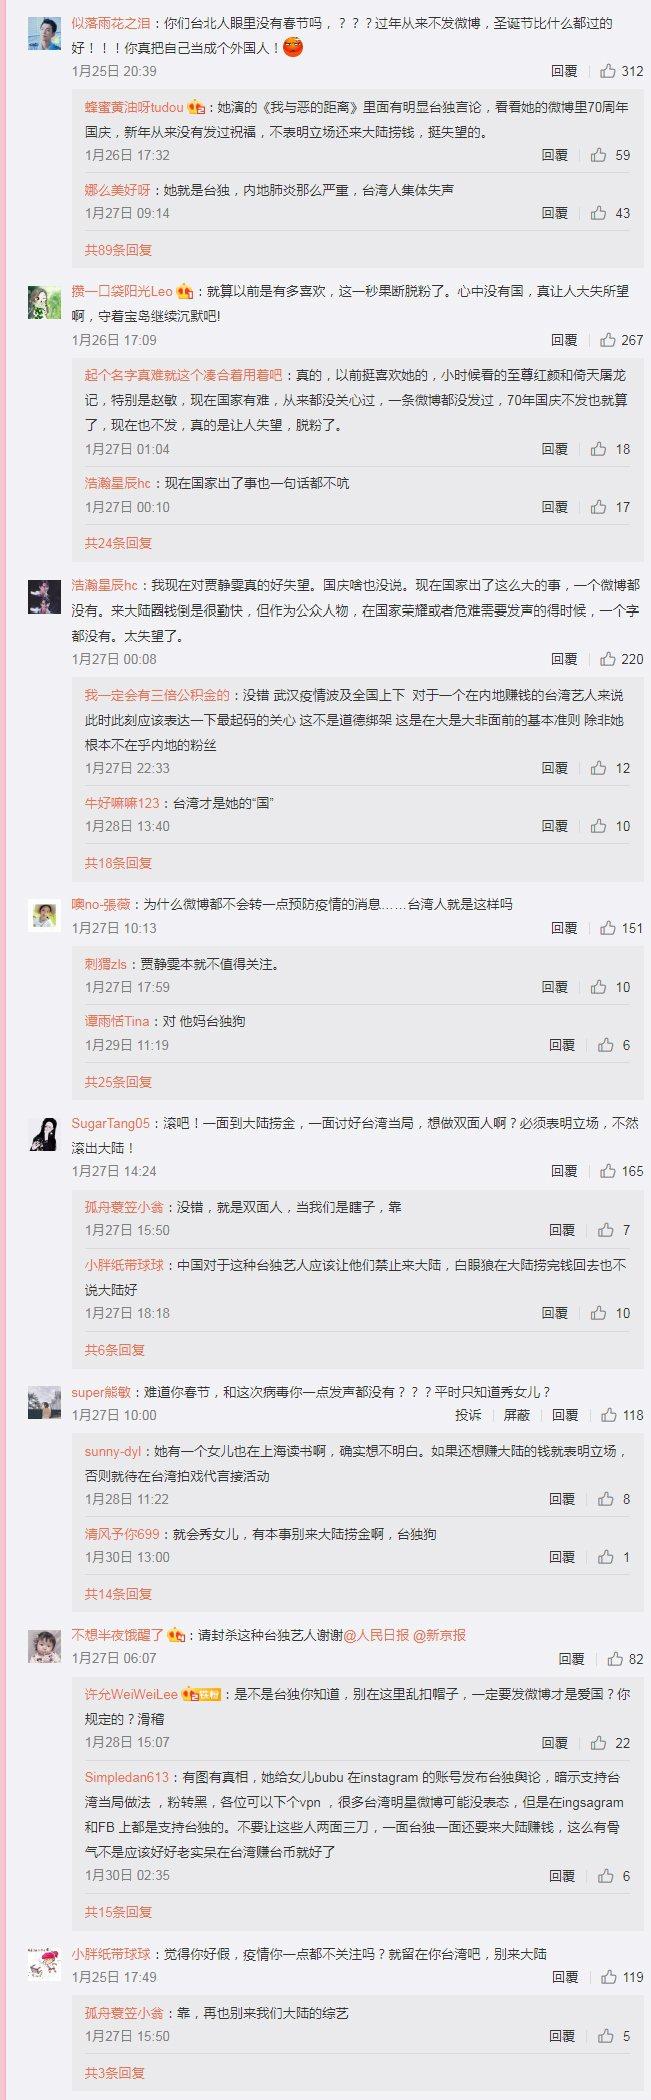 賈靜雯過年期間微博沒更新,內容停留在上個月19日的尾牙照片,而下方湧入眾多大陸網...